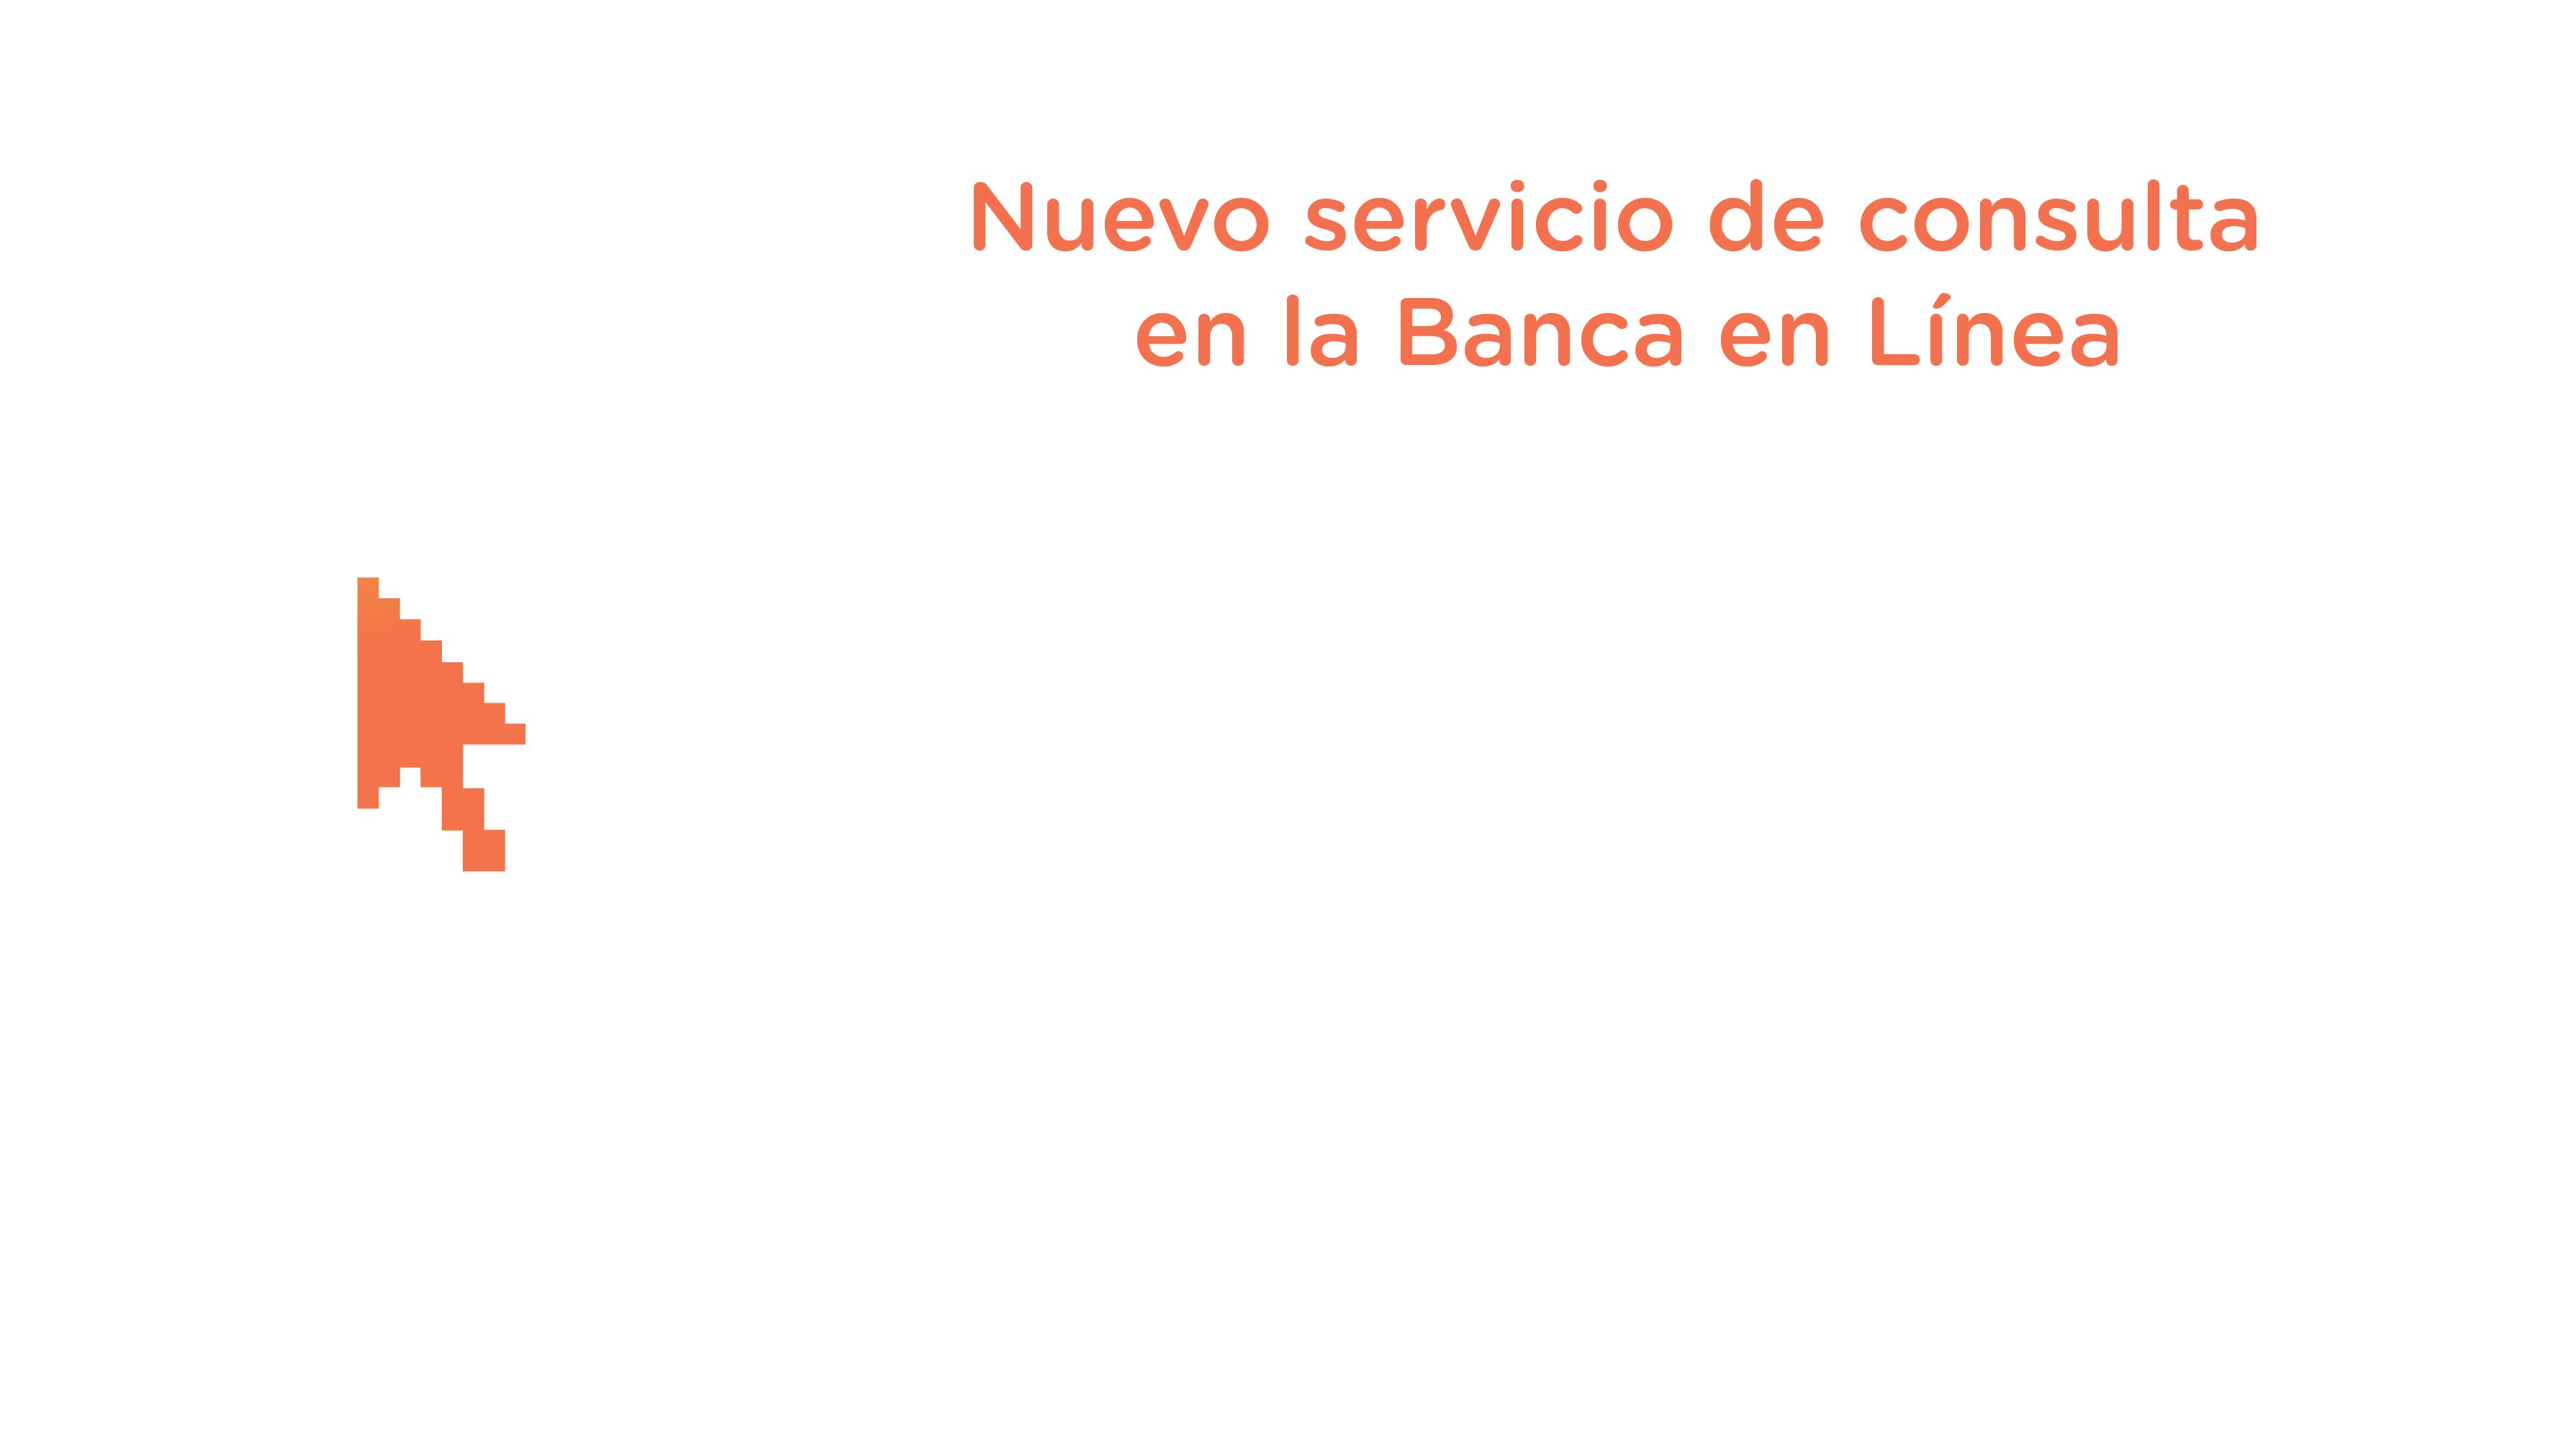 Nuevo servicio Banca en Línea